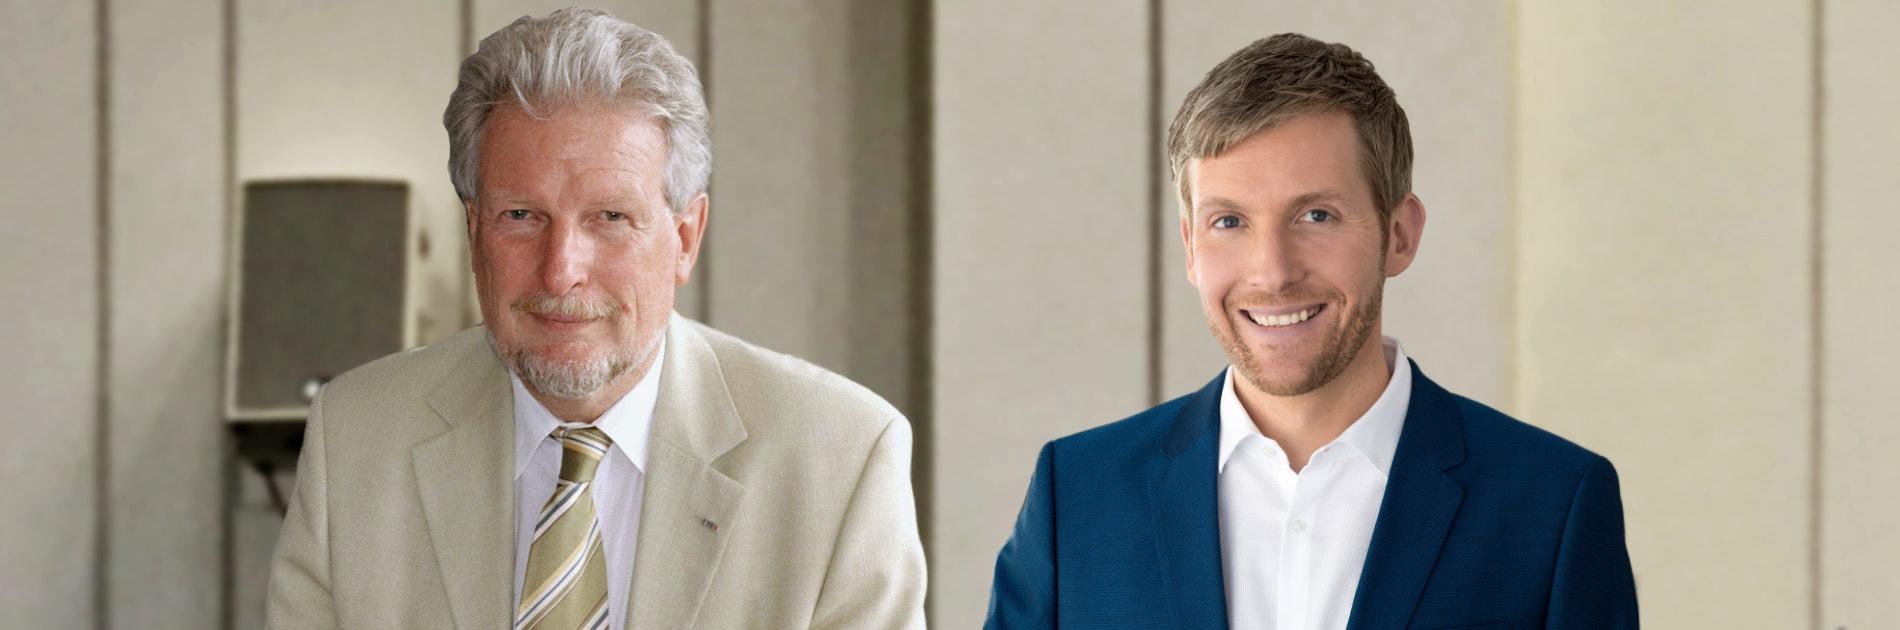 Prof. Peter Voß und Clemens Bratzler. | Bildquelle: WDR